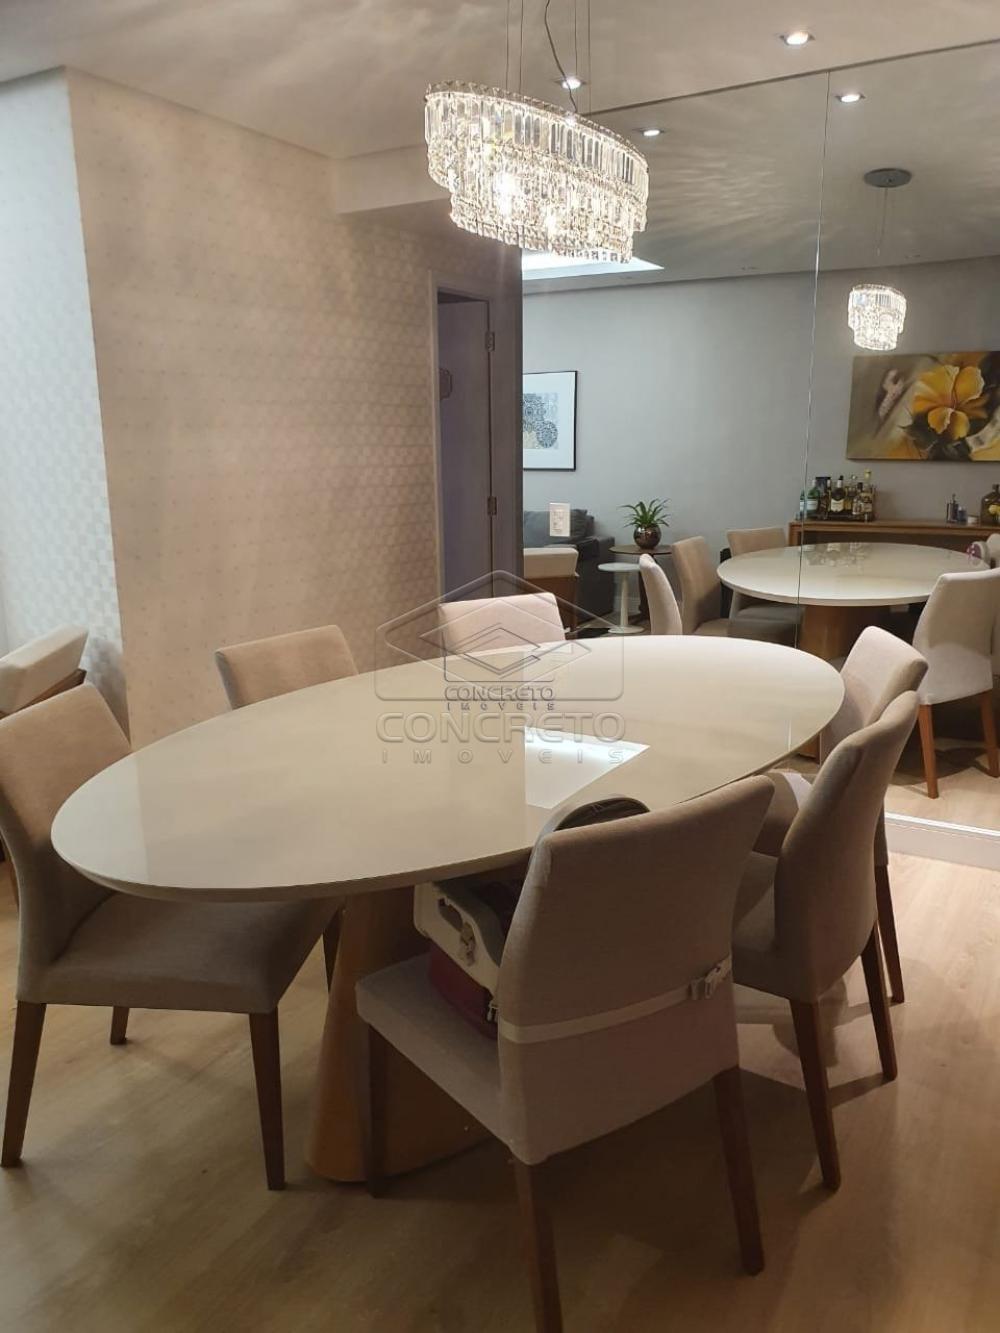 Comprar Apartamento / Padrão em Bauru R$ 660.000,00 - Foto 2